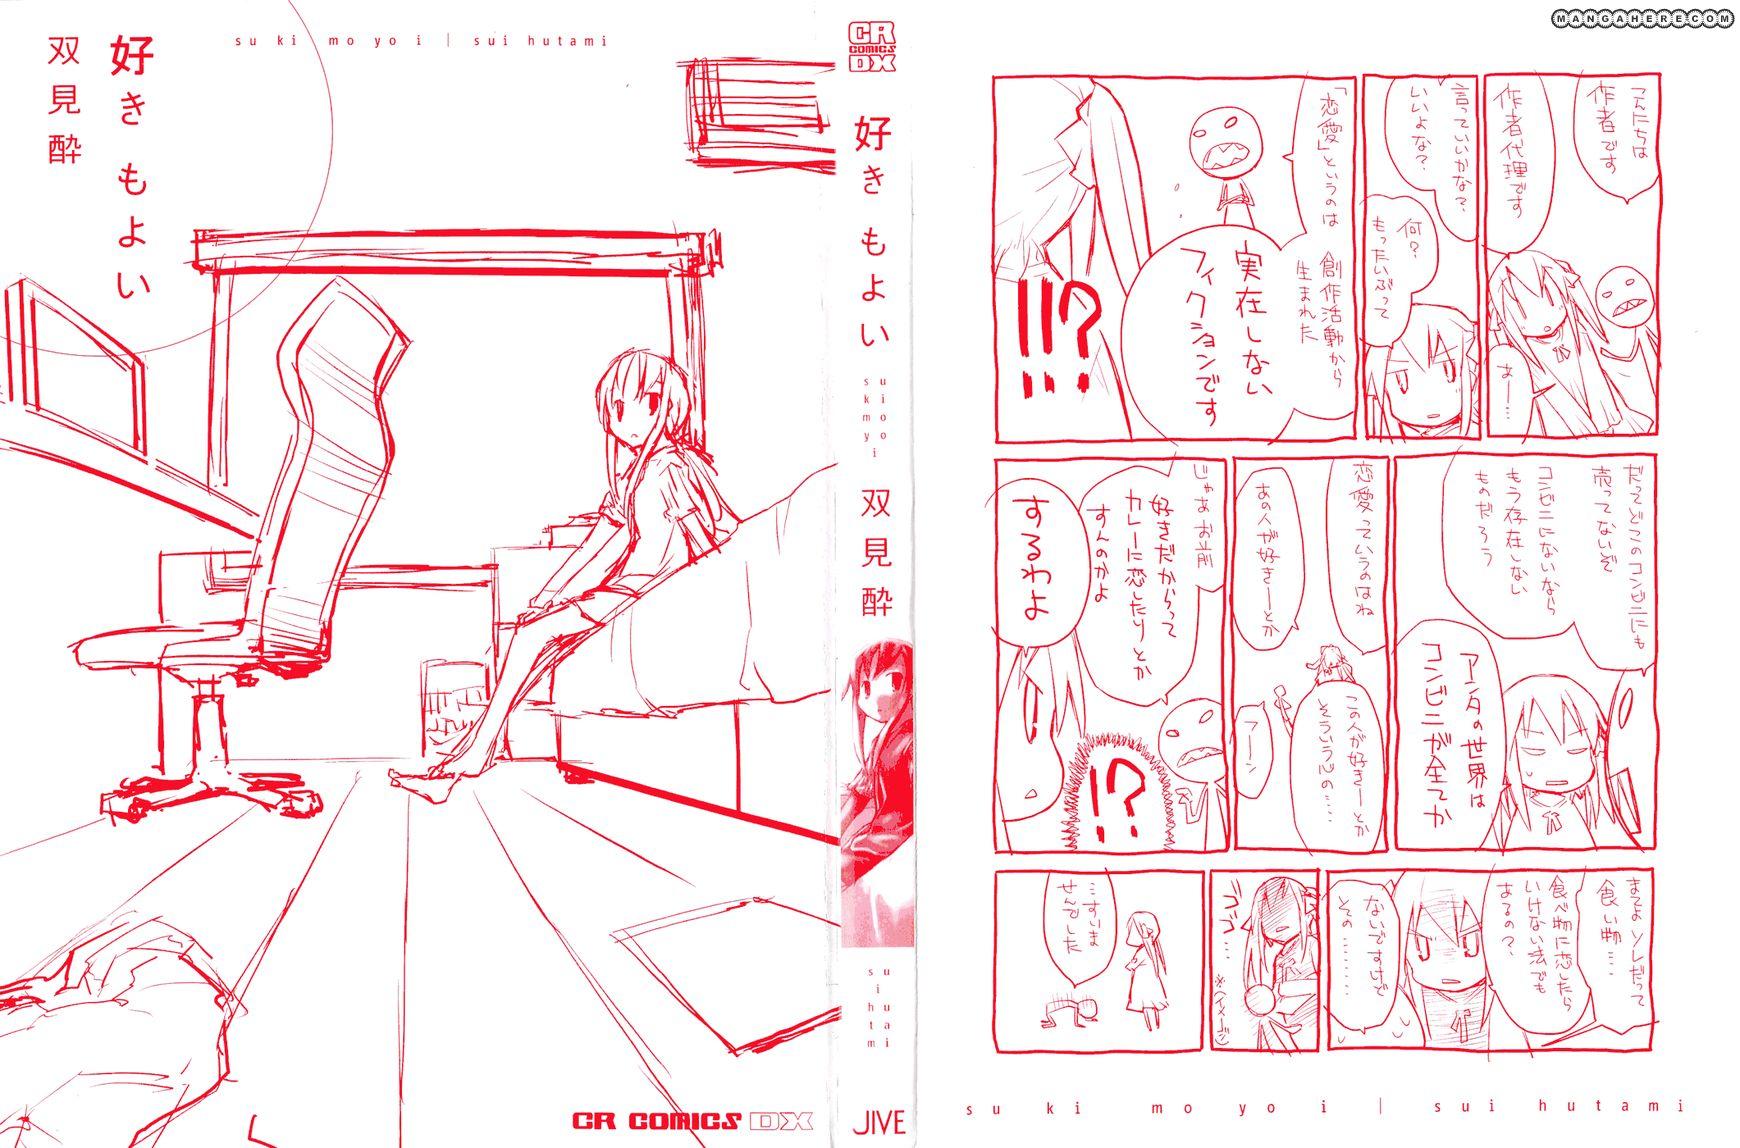 Suki mo Yoi 1.1 Page 2